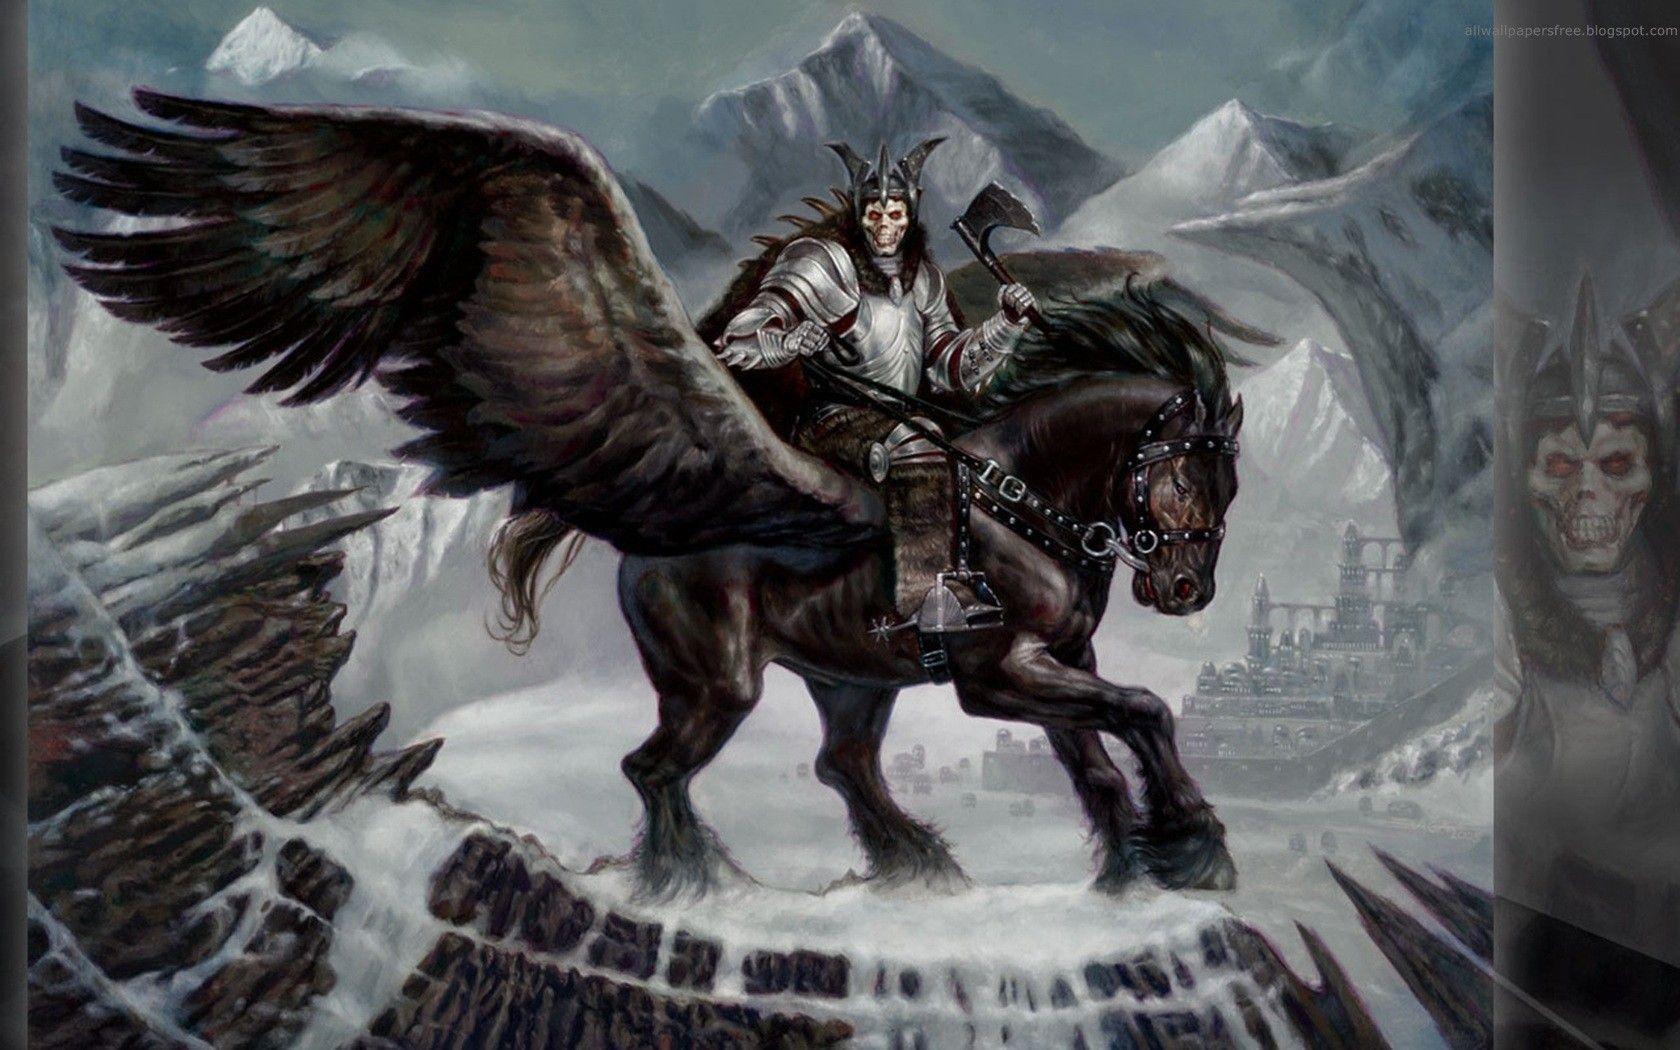 Top Wallpaper Horse Warrior - f8efe719a264b7b4213034fe03a97f3c  Image_108171.jpg